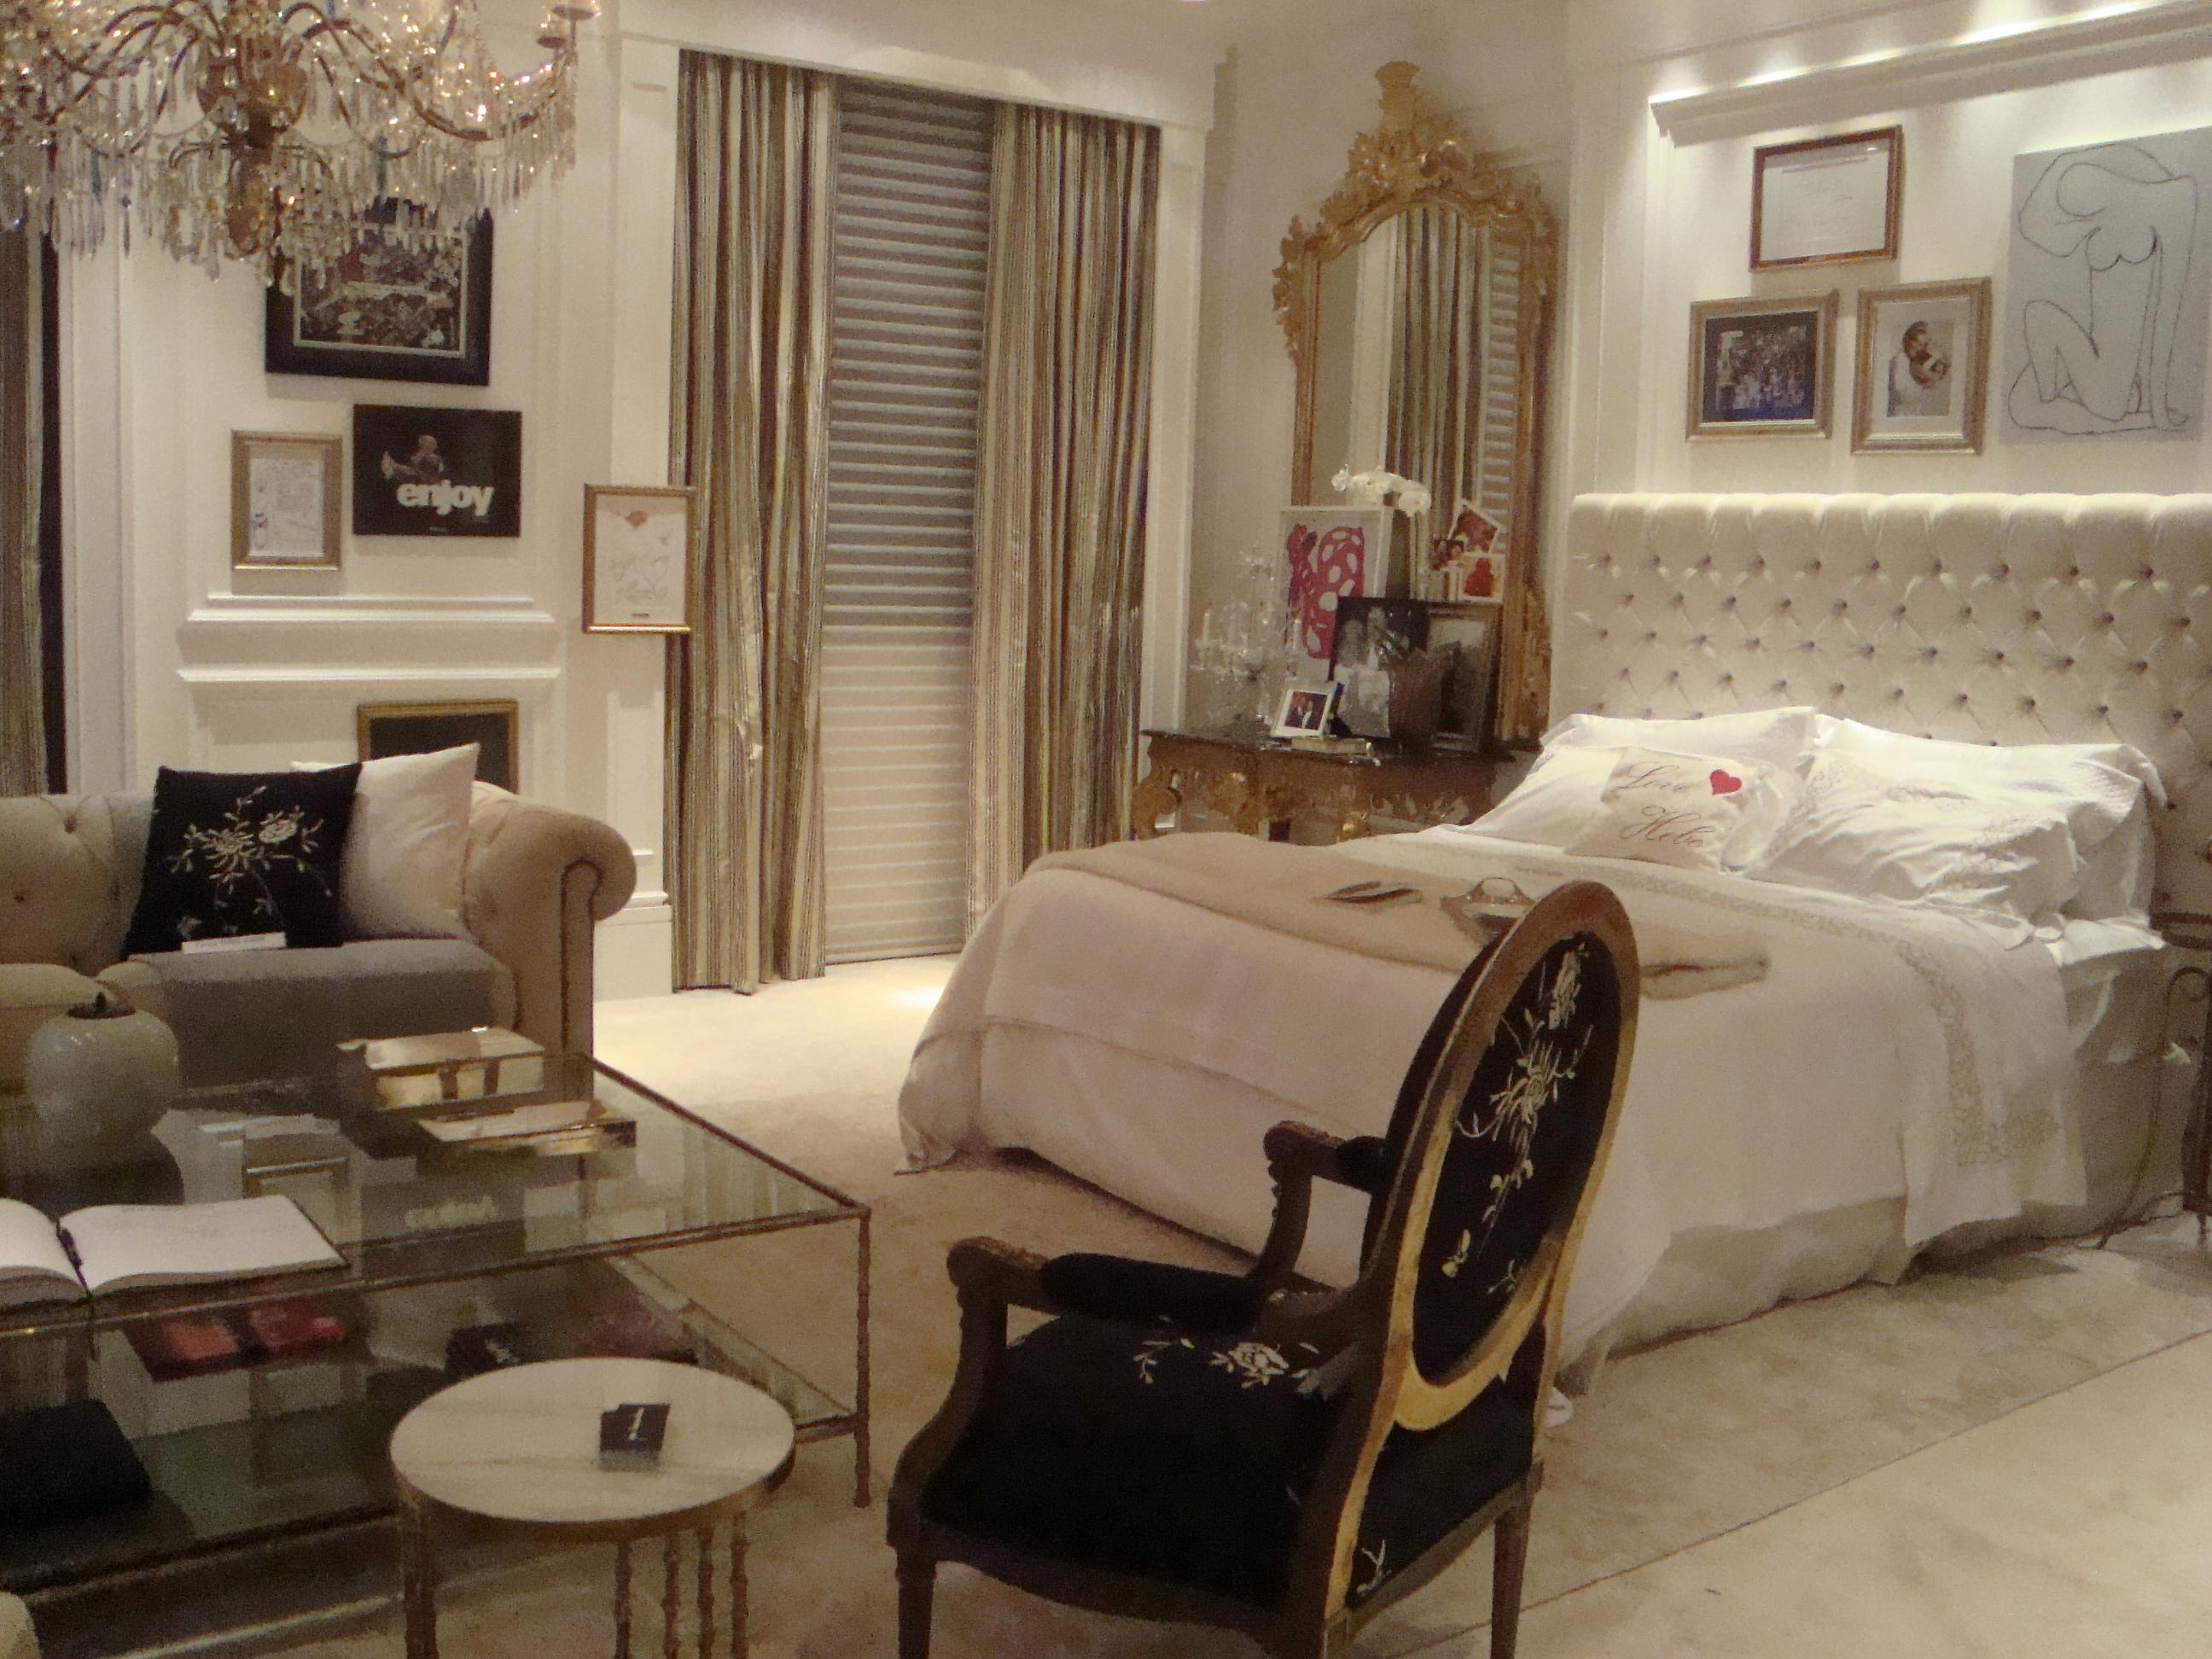 Para decorar a casa tenha em mente que é sempre bom evitar exageros  #94373C 2592x1944 Banheiro Antigo Decoração